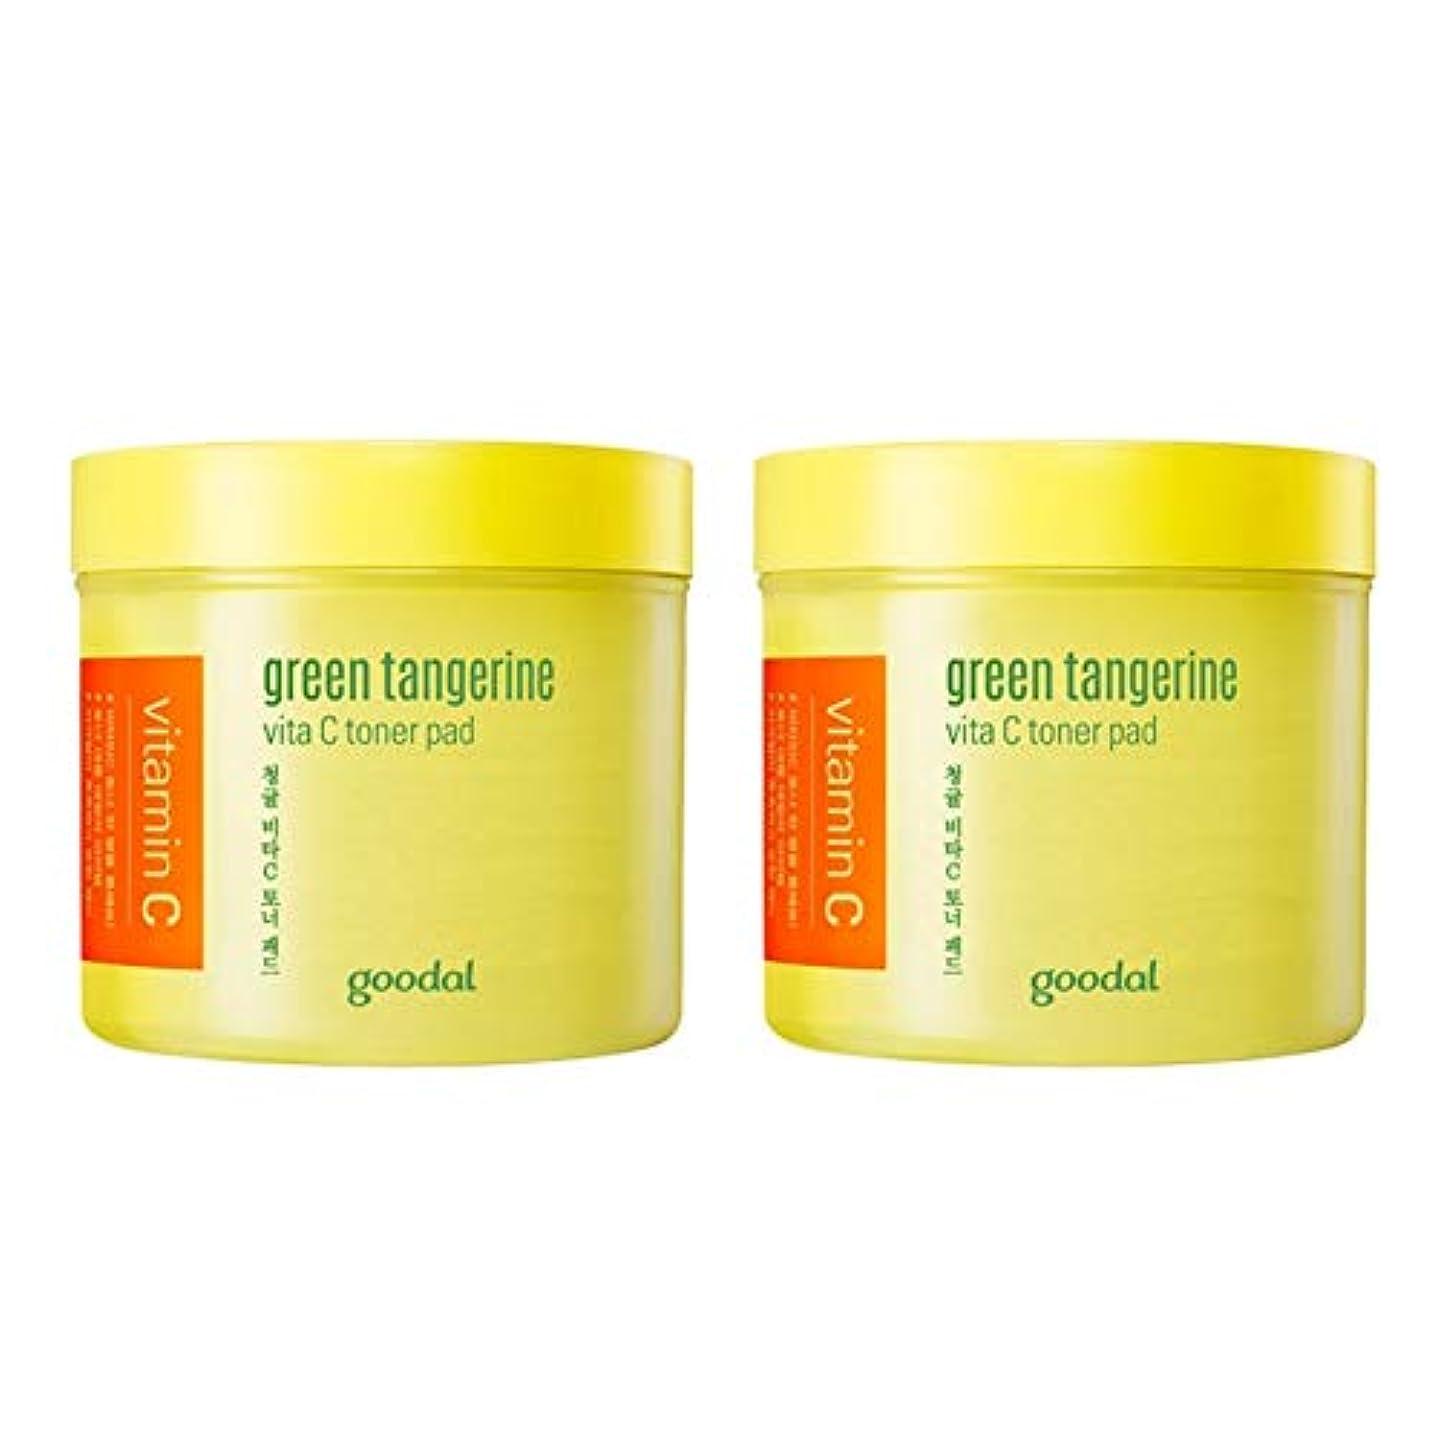 計画サミット優れましたグドール青みかんヴィータCトナーパッド70px2本セット質除去、水分供給 韓国コスメ 、Goodal Green Tangerine Vita C Toner Pad 70p x 2ea Set Korean Cosmetics...